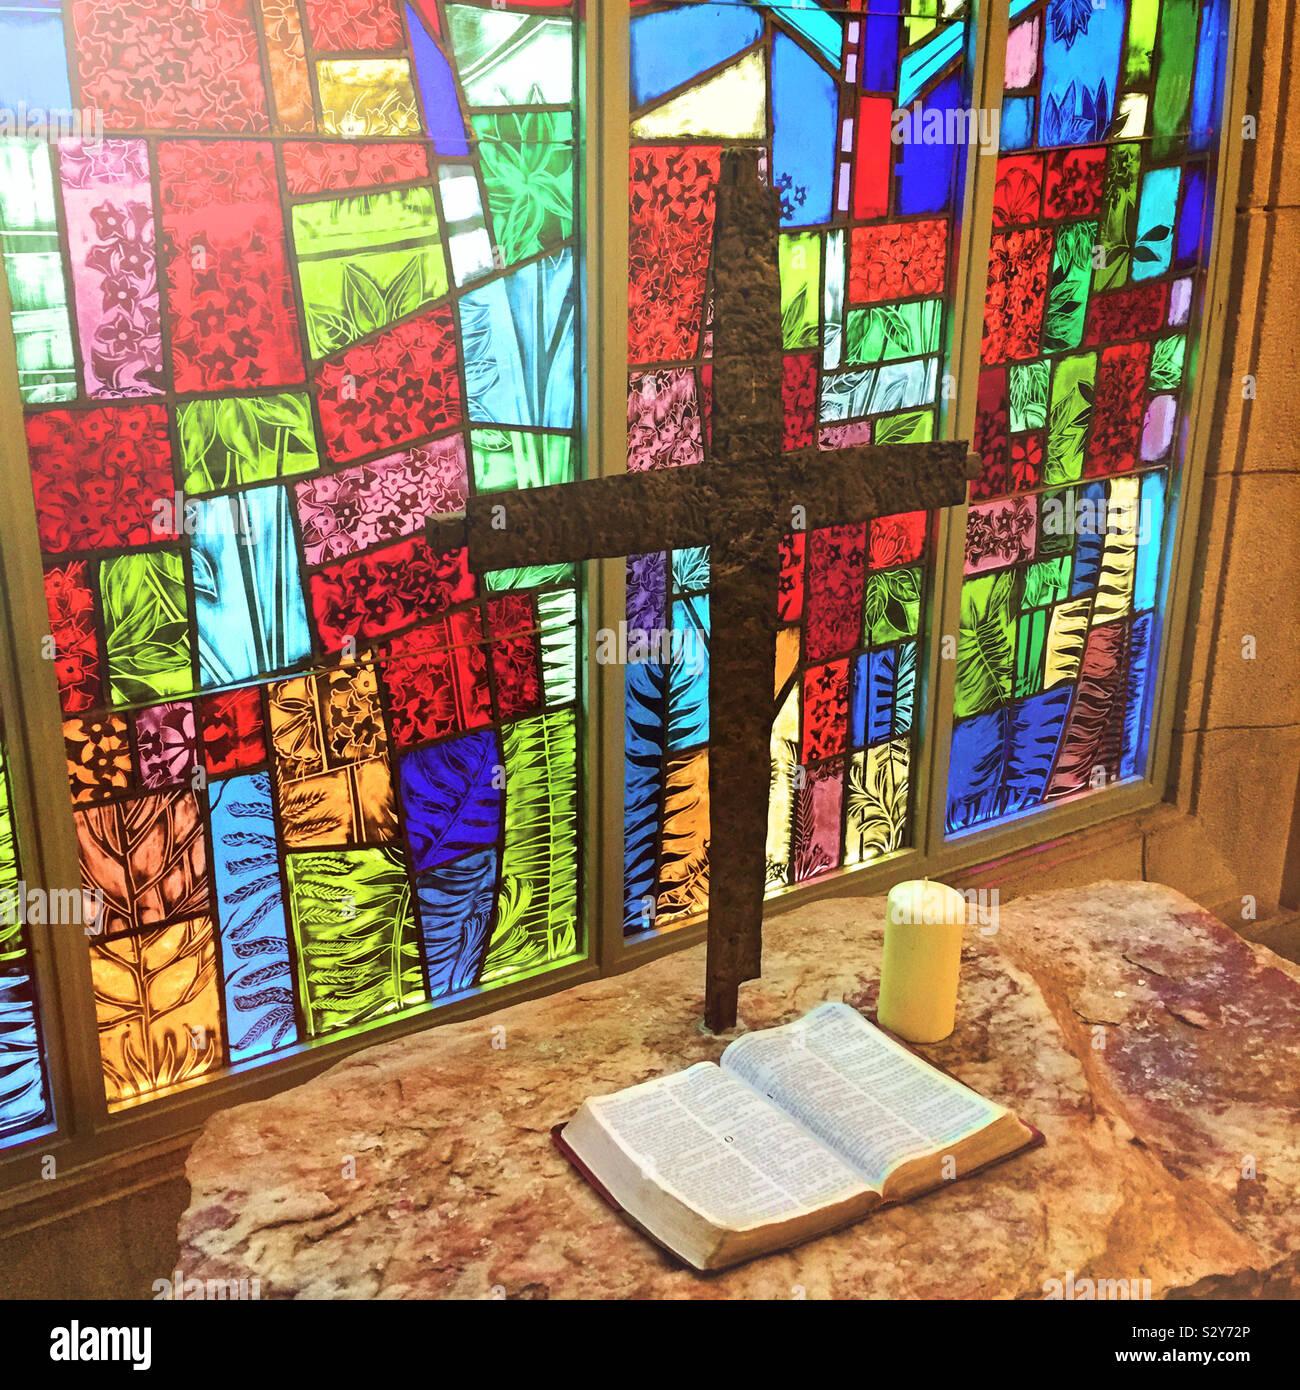 Coloratissima vetrata di illuminazione di una tabella in una chiesa che ha una croce religiosa e una Bibbia aperta su di esso. Foto Stock